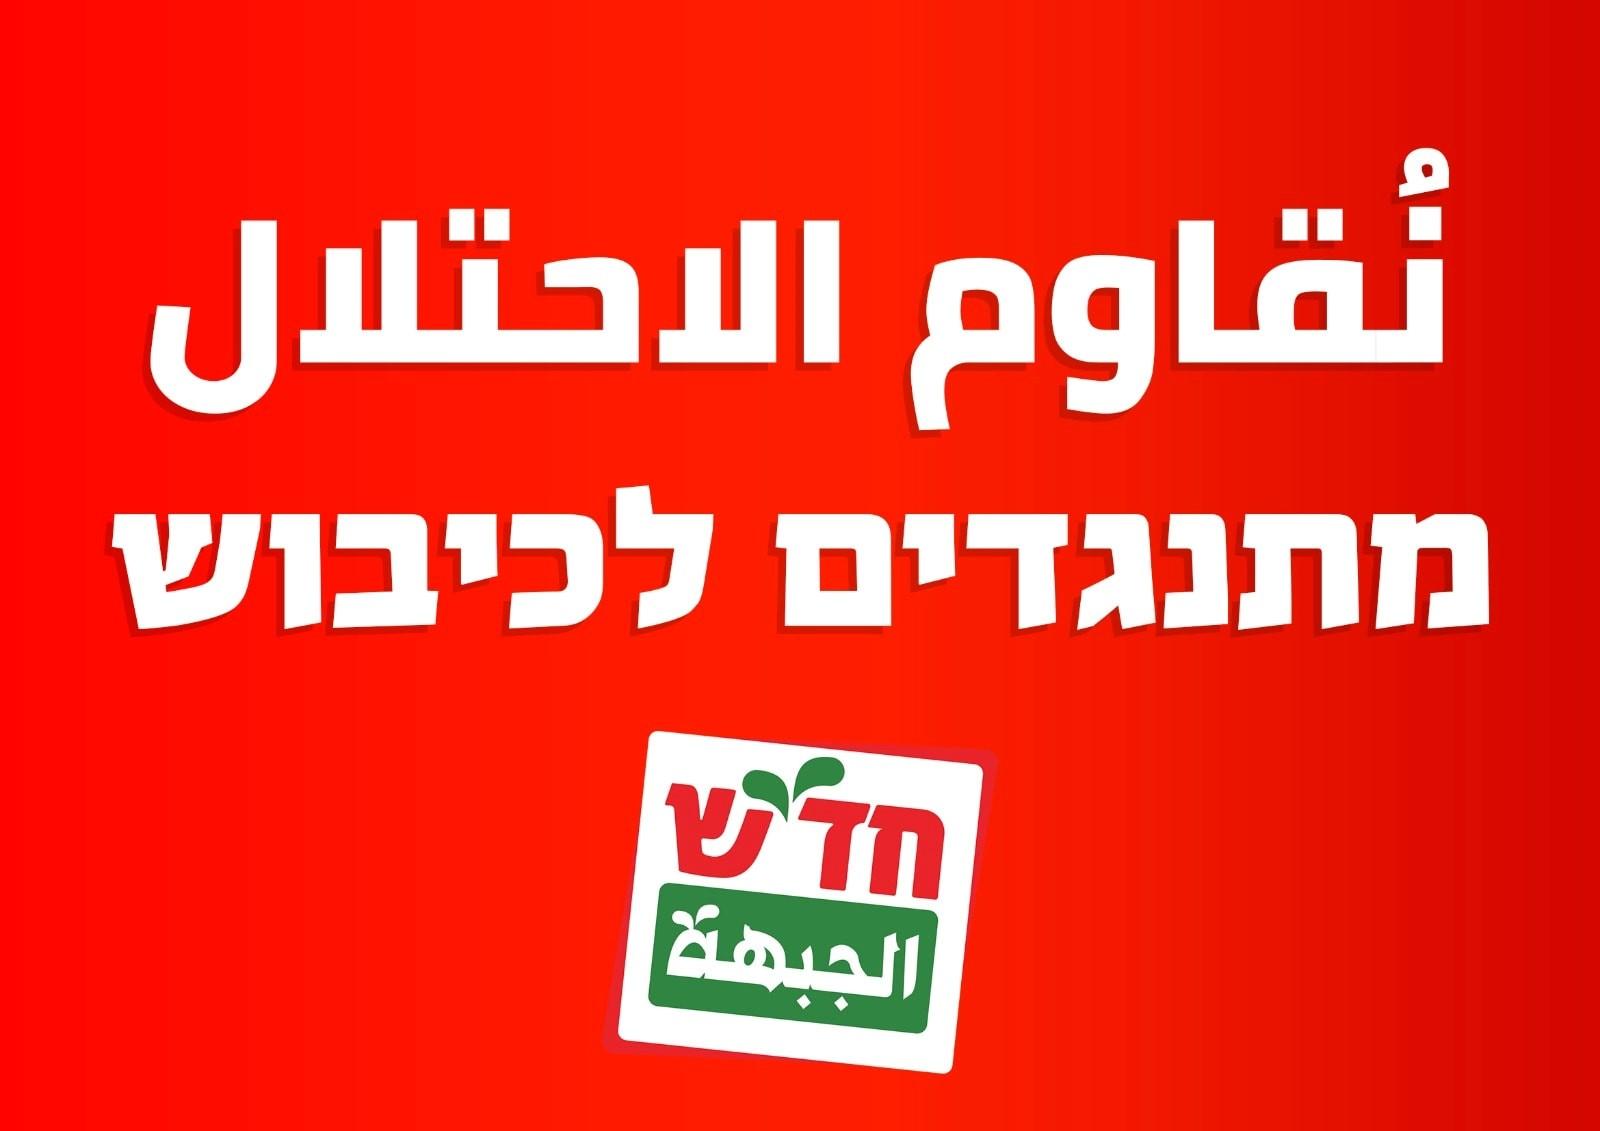 """חד""""ש ומק""""י קוראות להשתתף בהפגנה נגד הכיבוש בכיכר הבימה"""